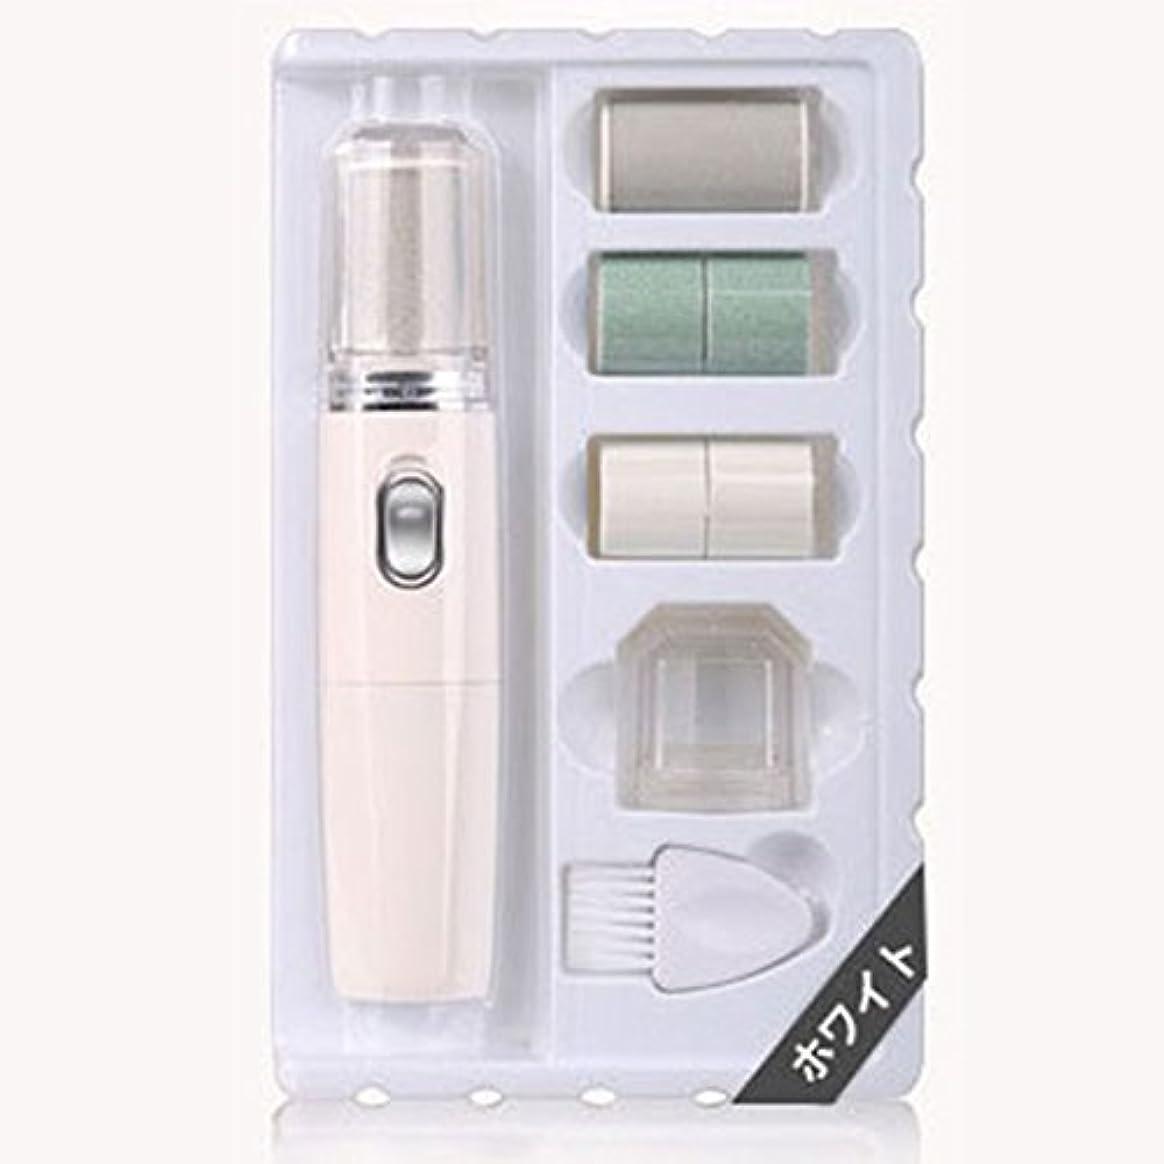 医師システム暫定ネイルポリッシャー 乾電池式 電動 爪みがき ネイルケア 爪磨き